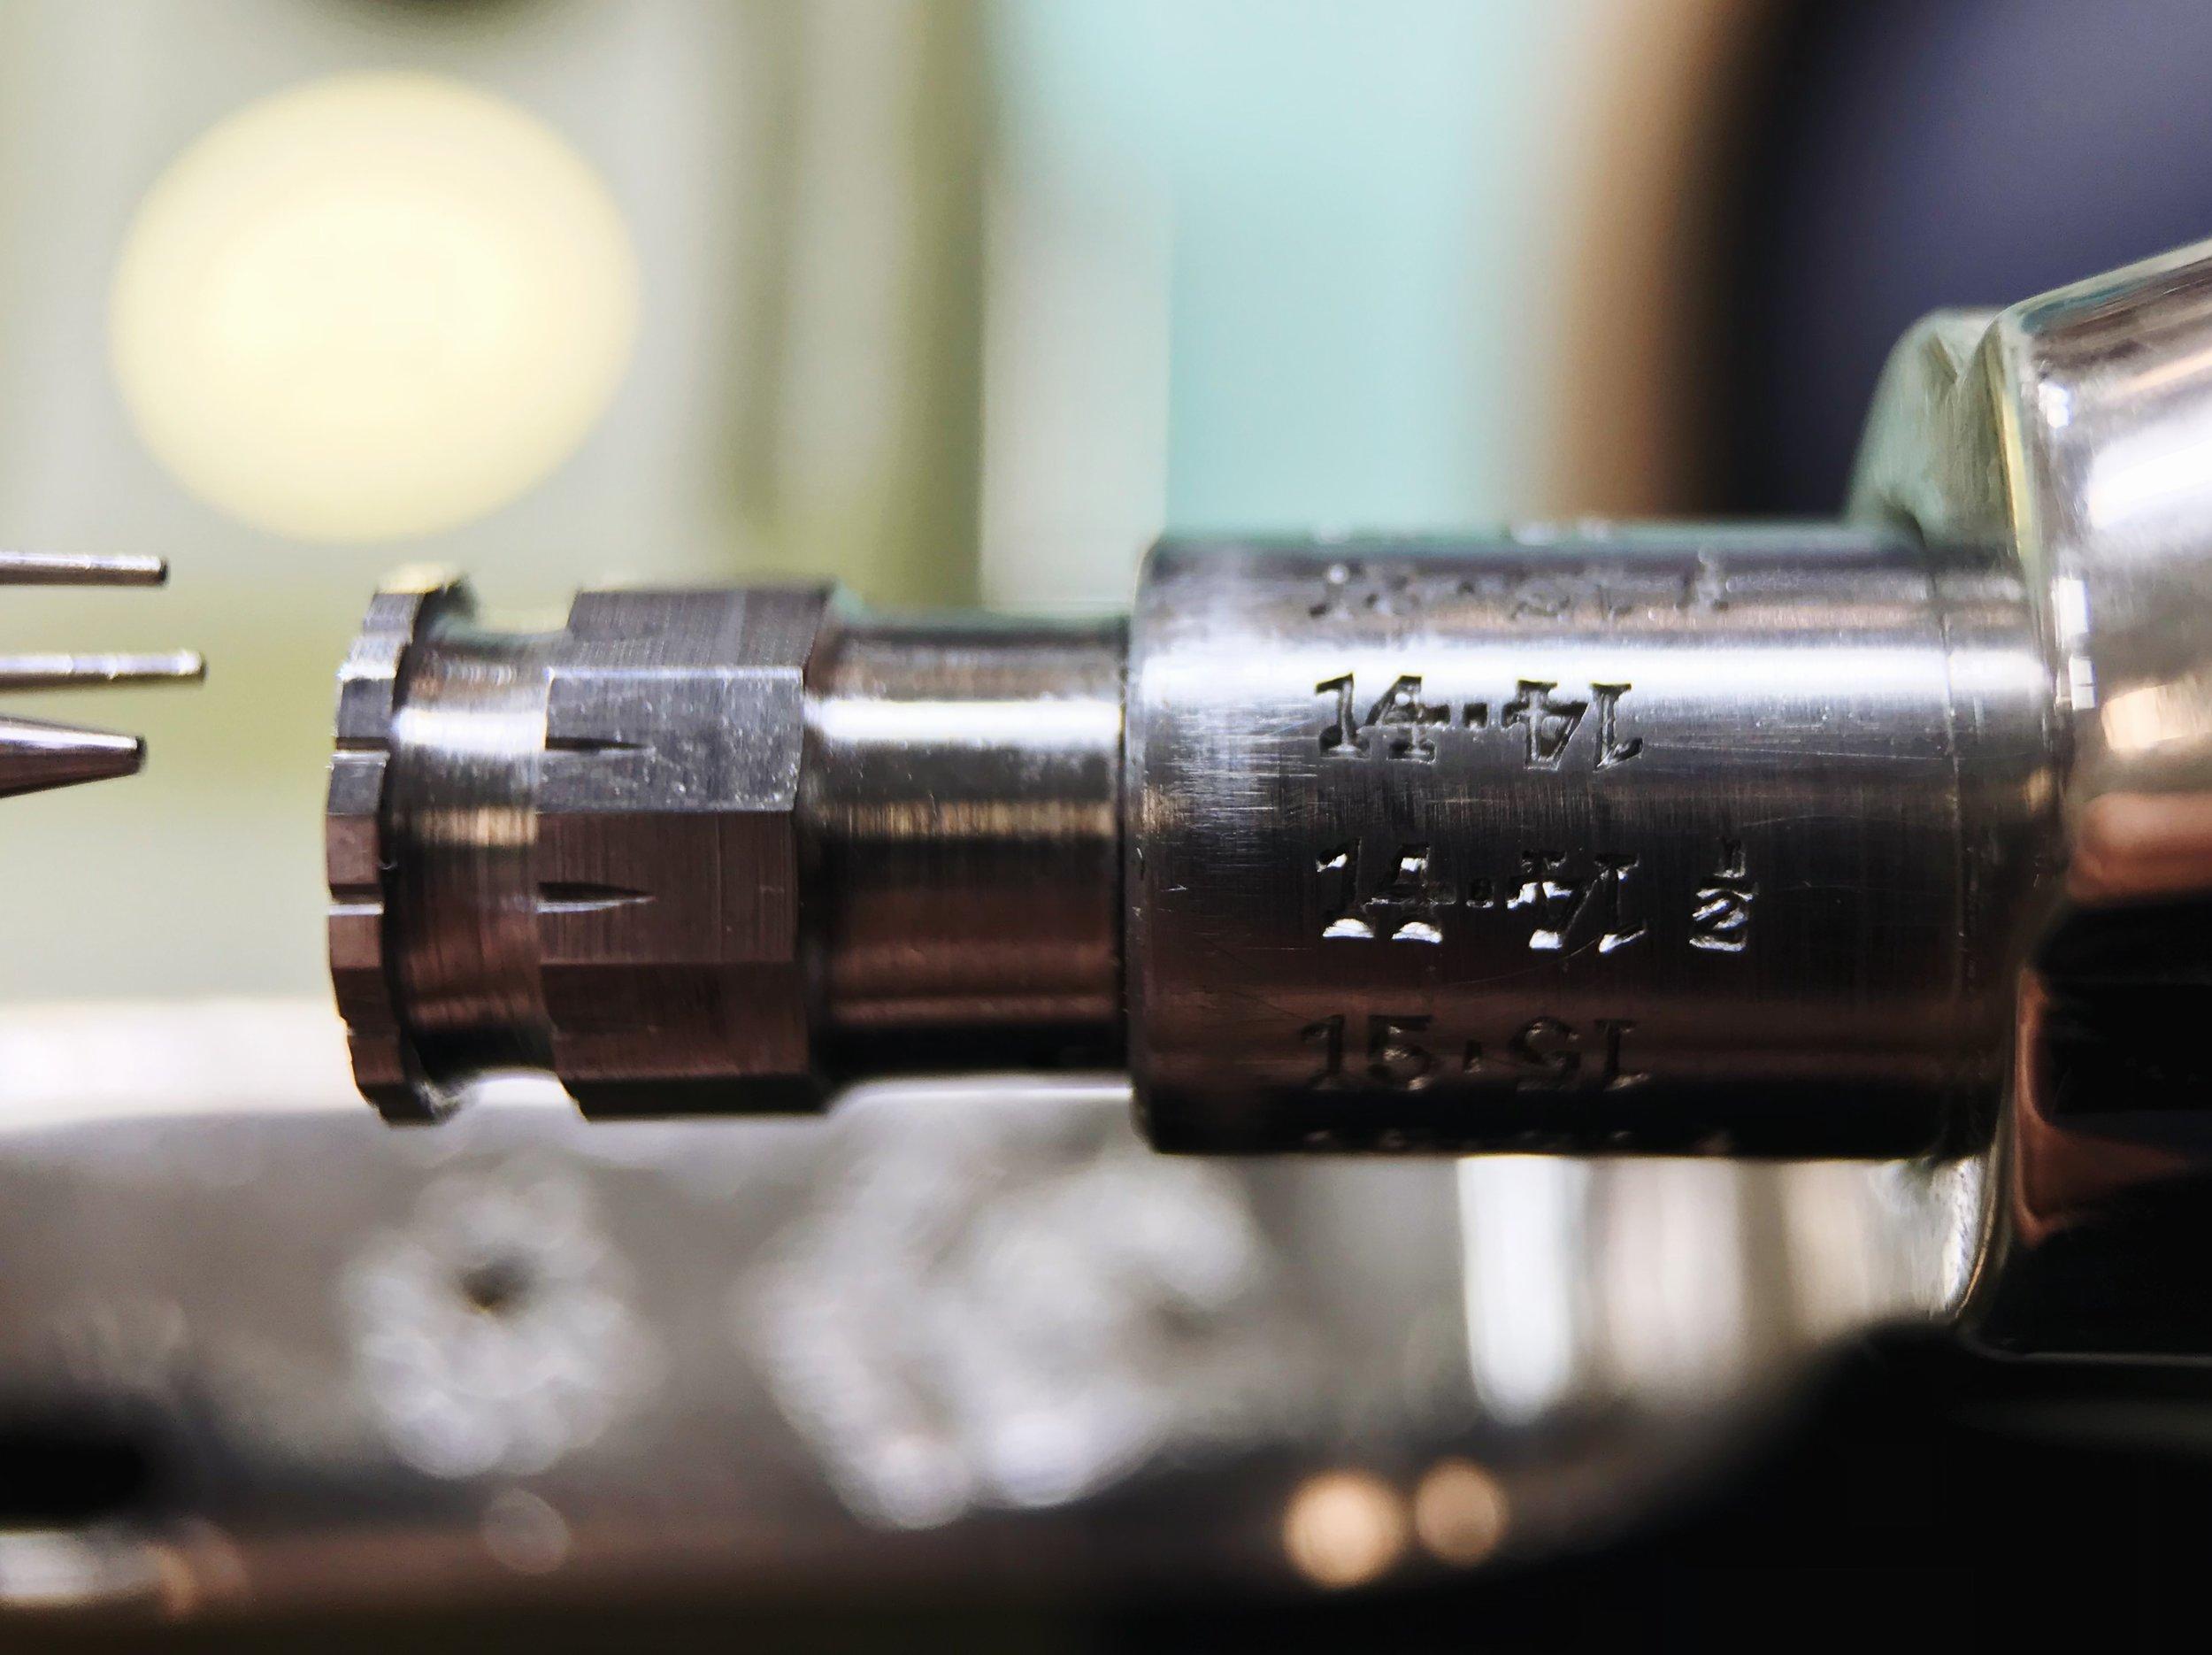 E16AF342-30AF-491A-BA35-9EFCBF93CA0C.JPG